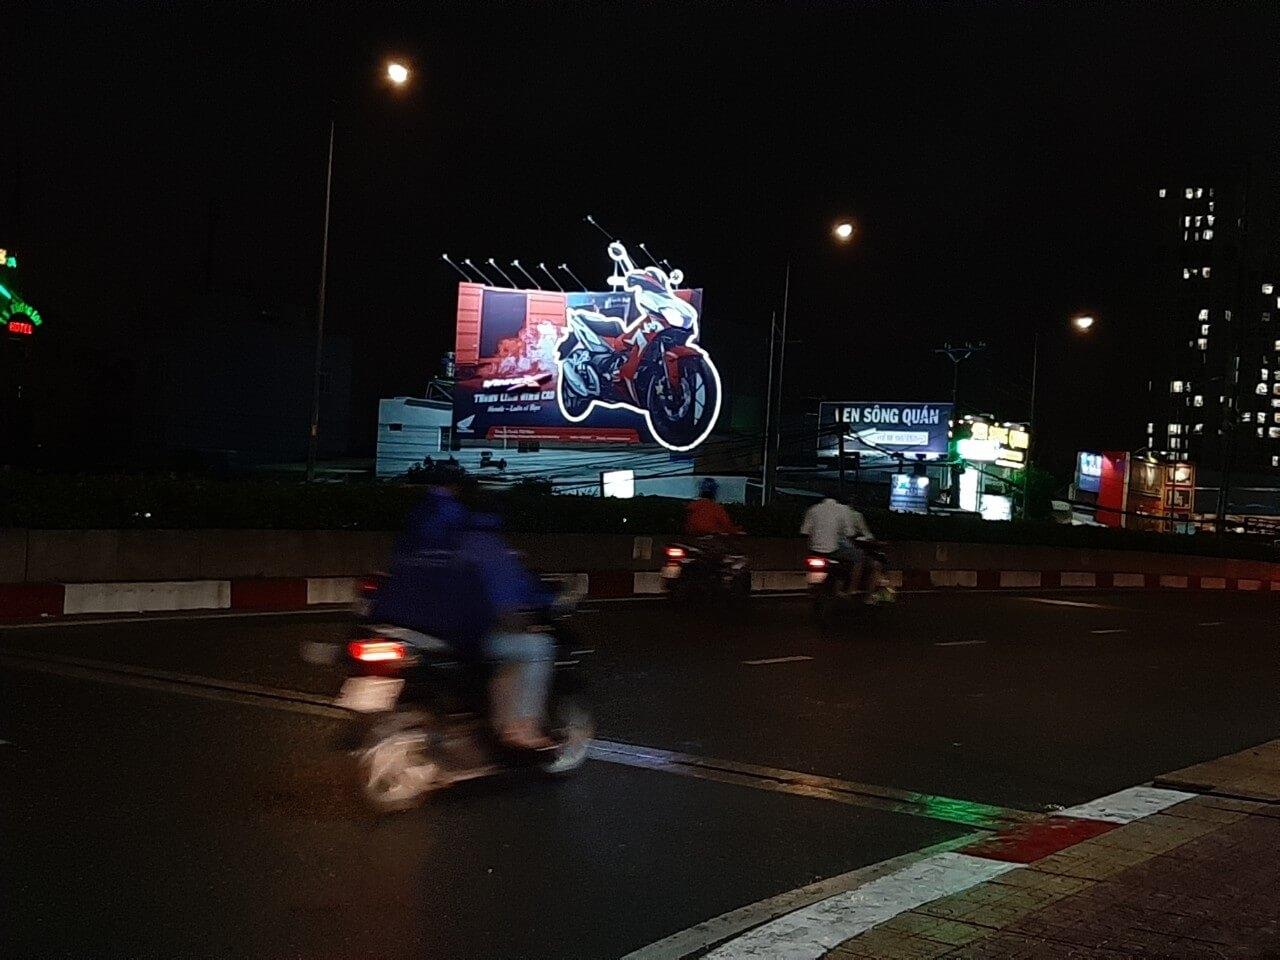 """Biển quảng cáo 3D sáng tạo – nổi bật giữa """"rừng"""" quảng cáo tĩnh   bởi Thu Nguyệt"""